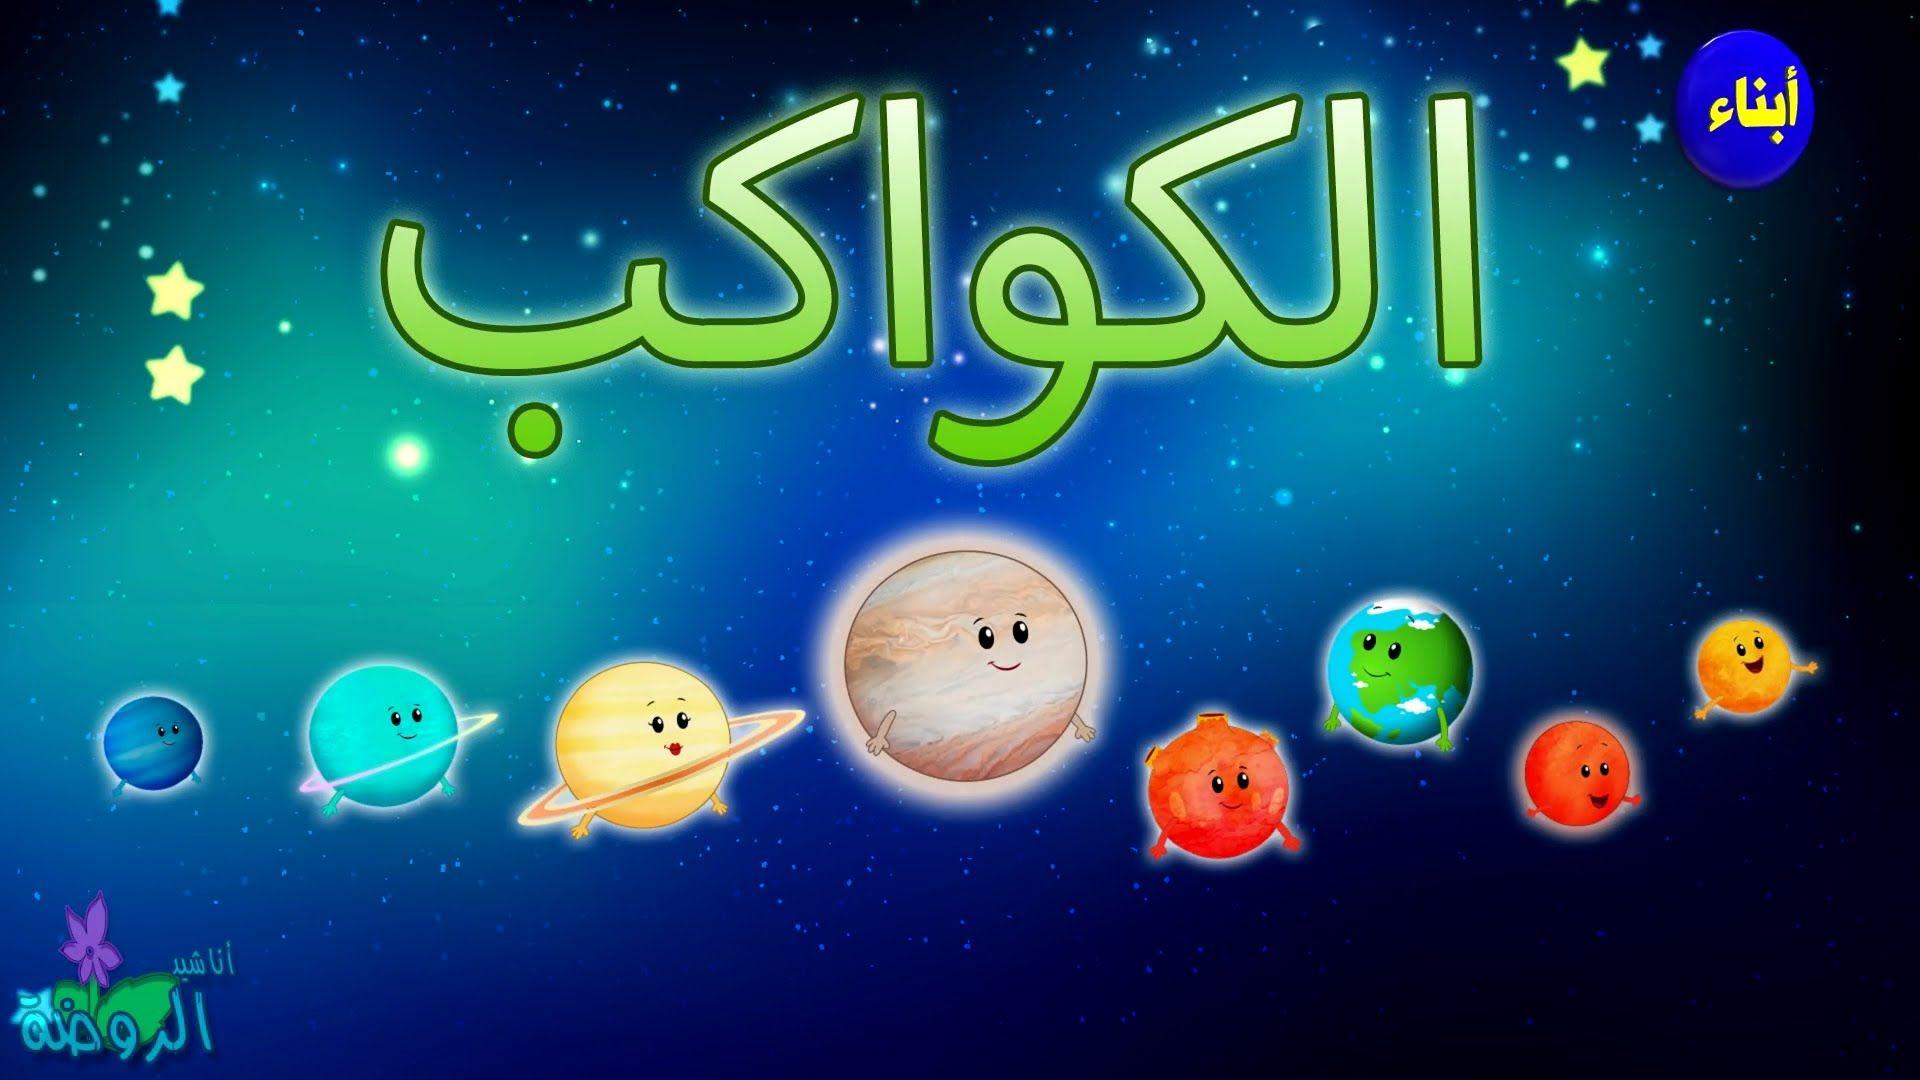 اناشيد الروضة - هيا نتعلم - نشيد كواكب المجموعة الشمسية - بدون موسيقى - ... | حنين | Pinterest ...